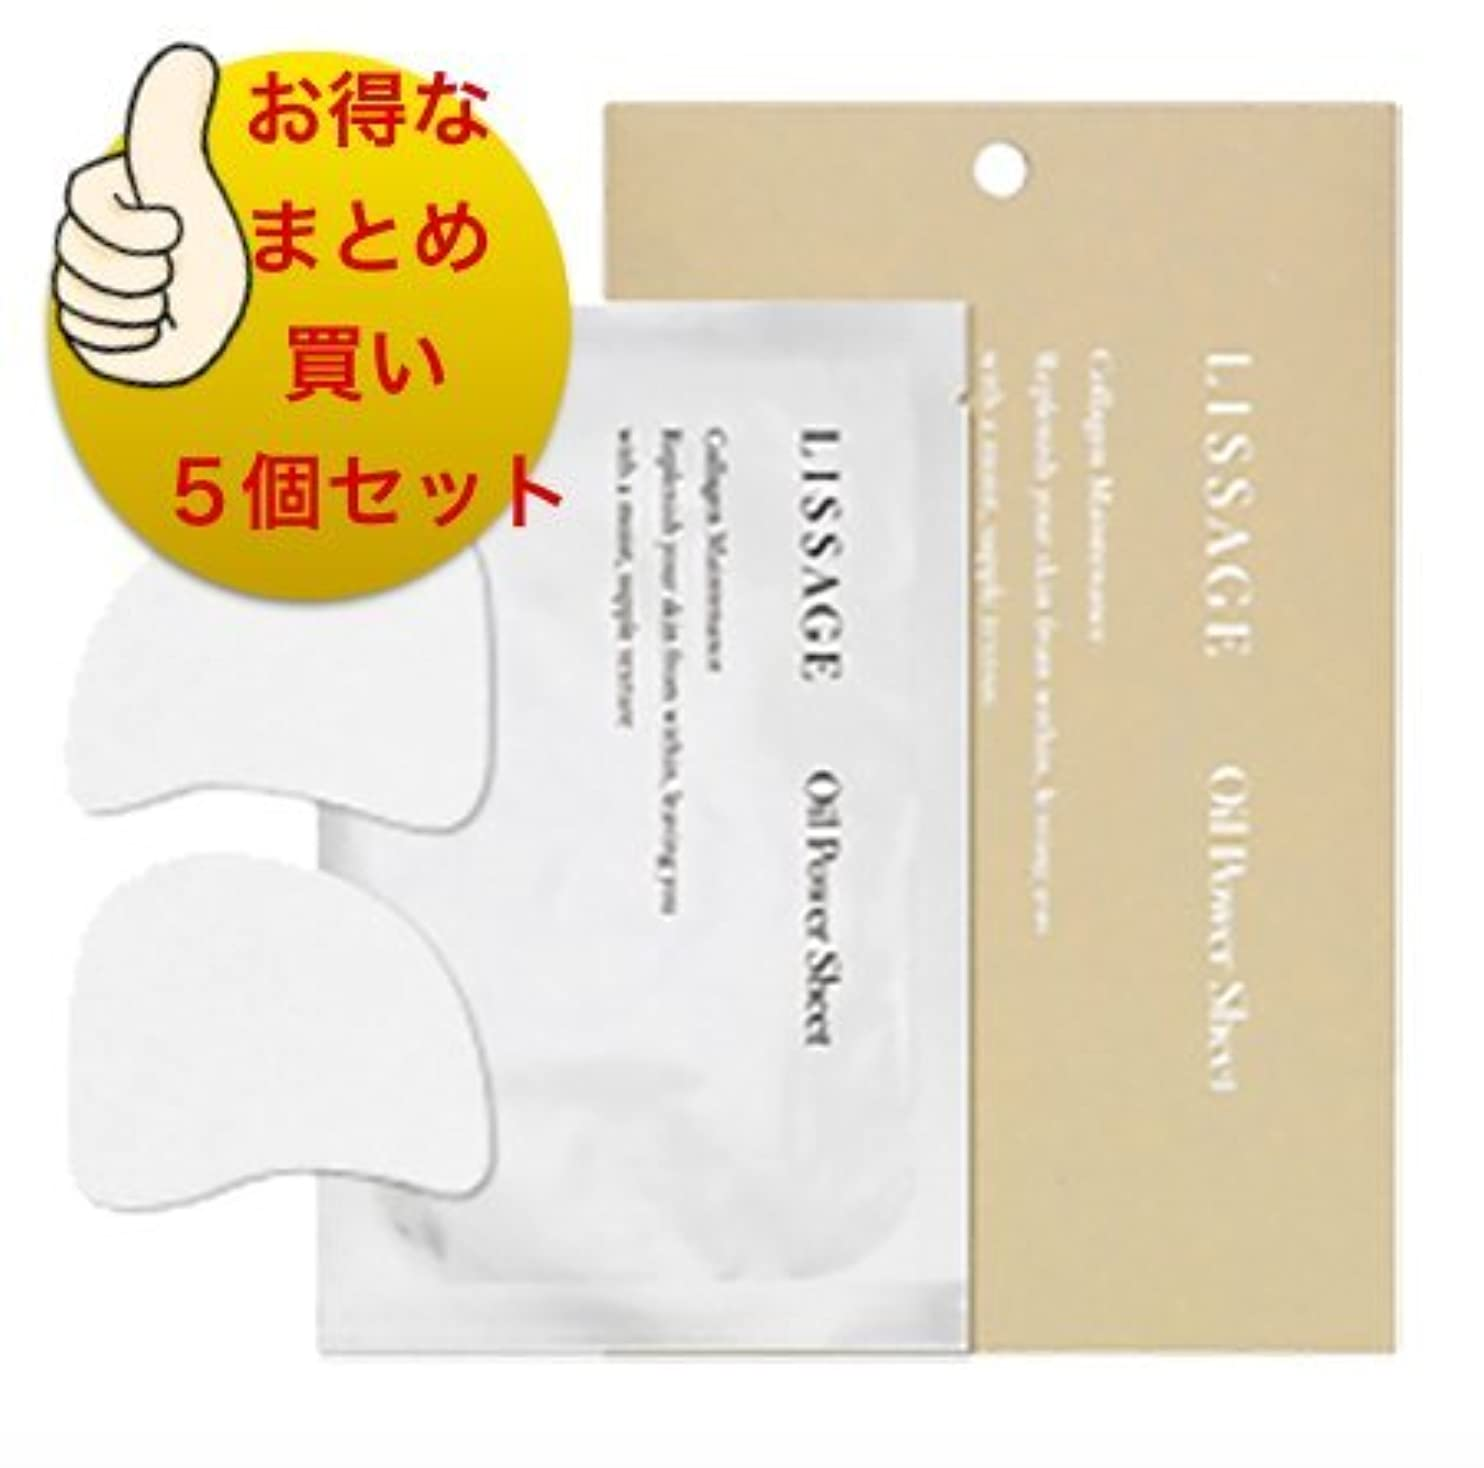 子孫ドライブ海岸【リサージ】LISSAGE (リサージ) オイルパワーシート (3セット (6枚)) .の5個まとめ買いセット